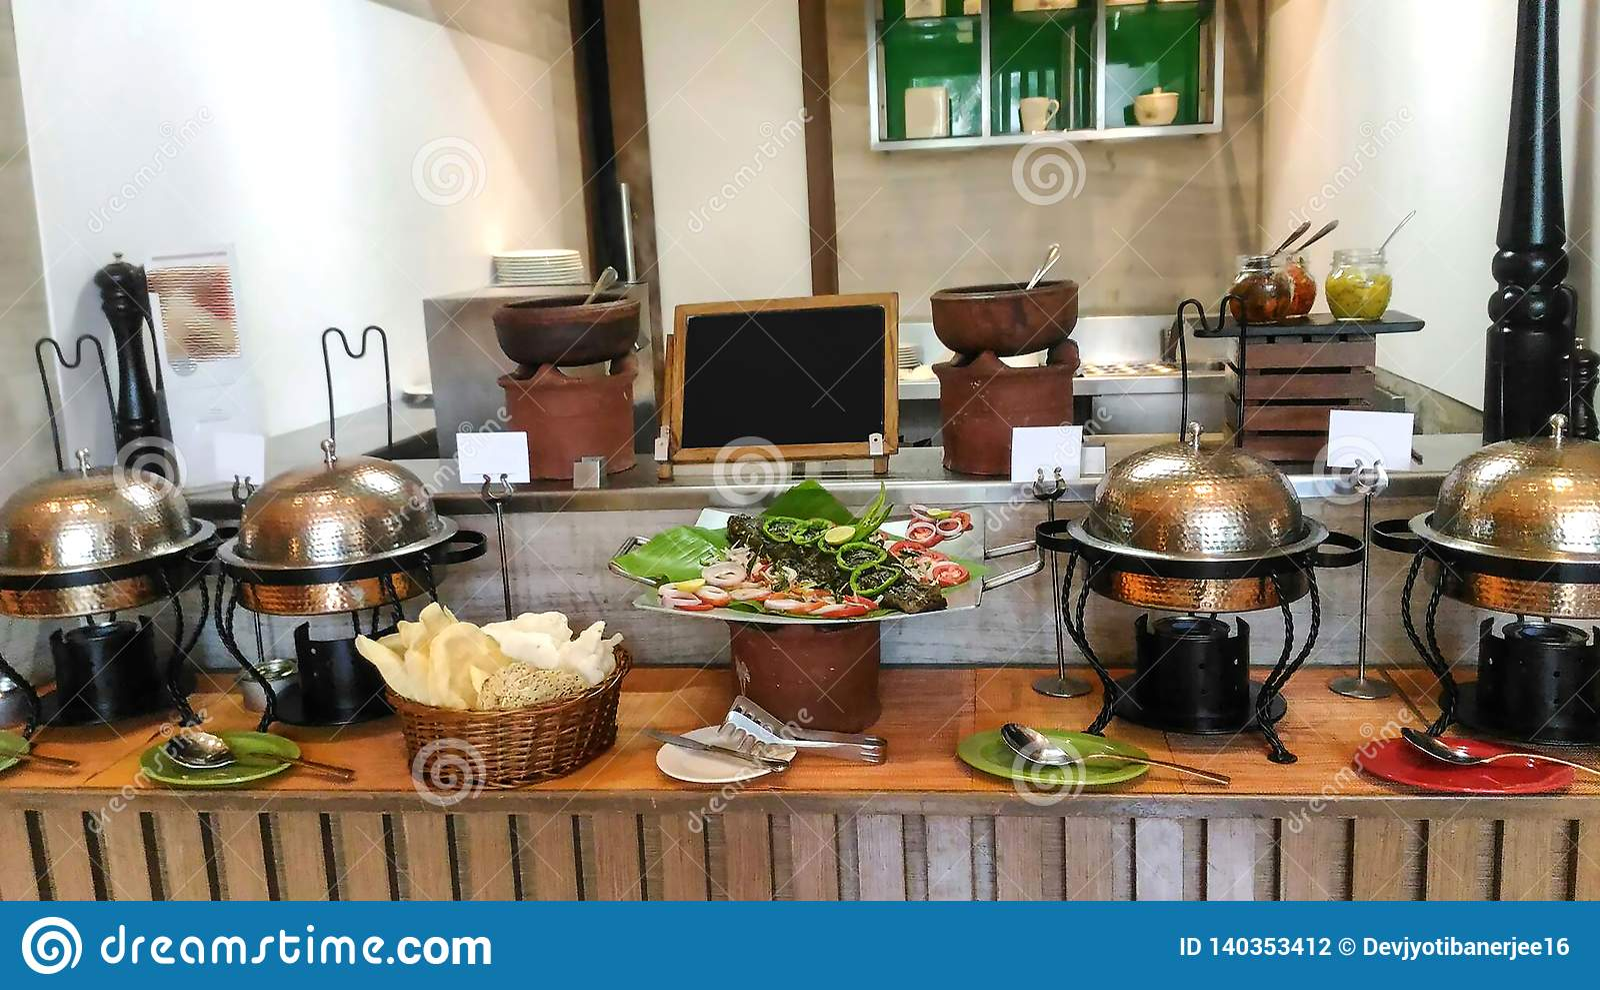 Cocina adornada bien de un hotel, decoración interior